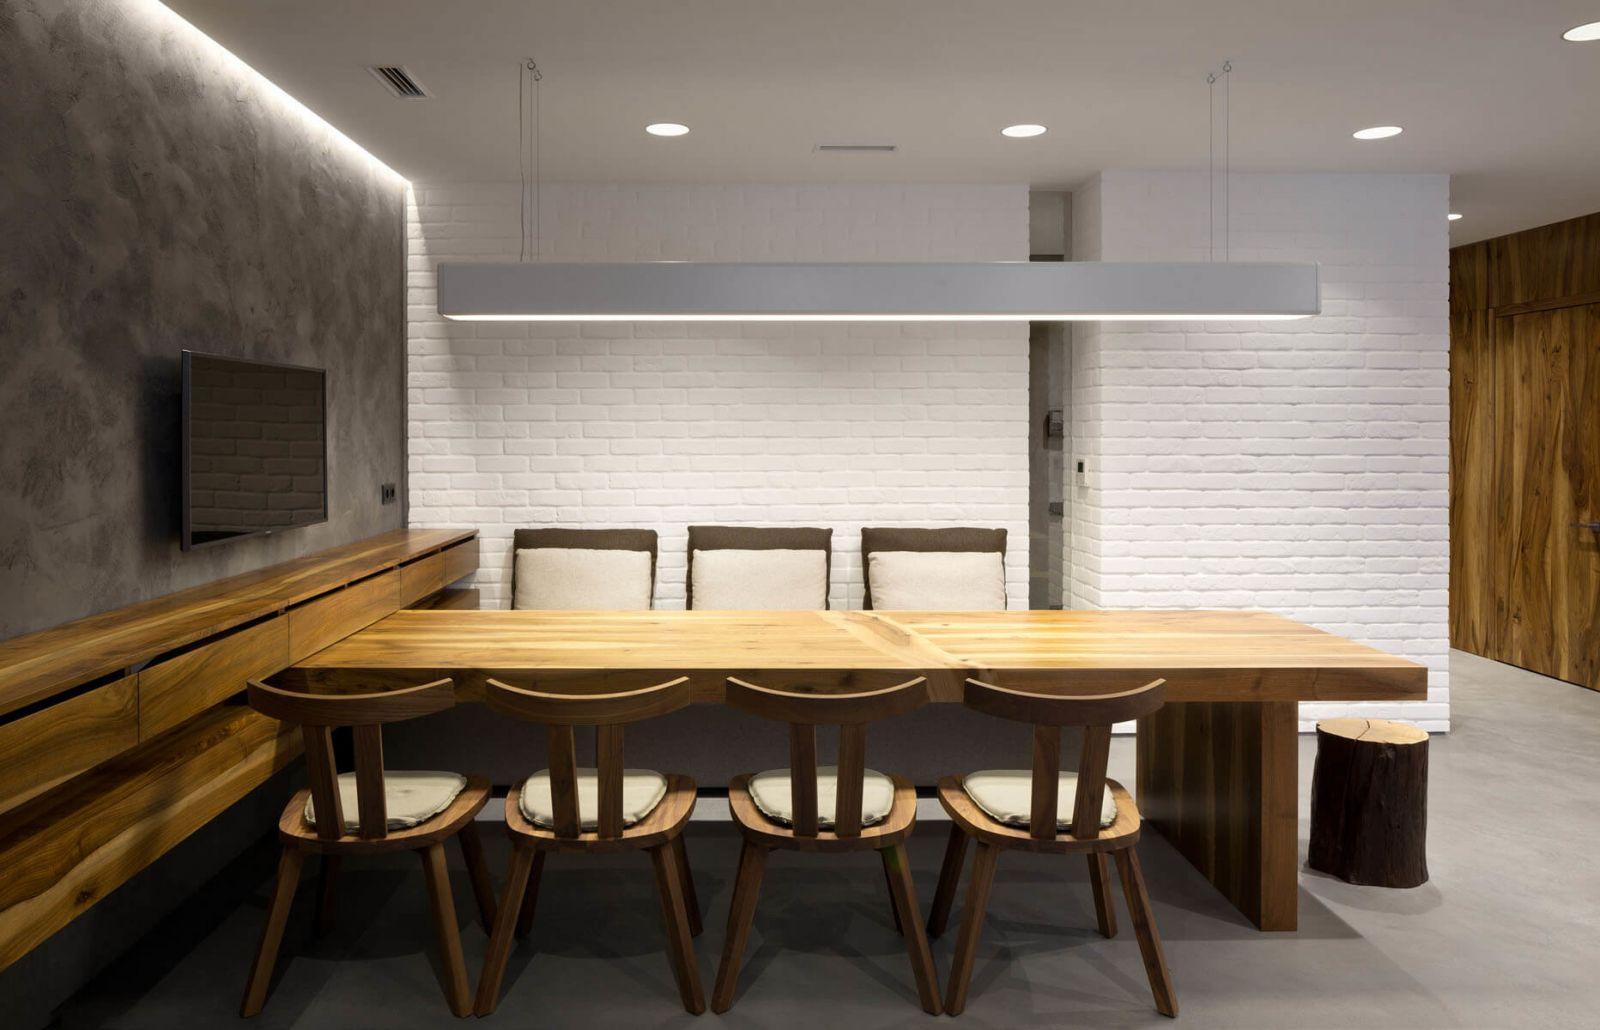 Массивный обеденный стол для семейных трапез, как и прочая мебель для этого объекта была выполнена по авторским чертежам архитекторов бюро Ryntovt Design